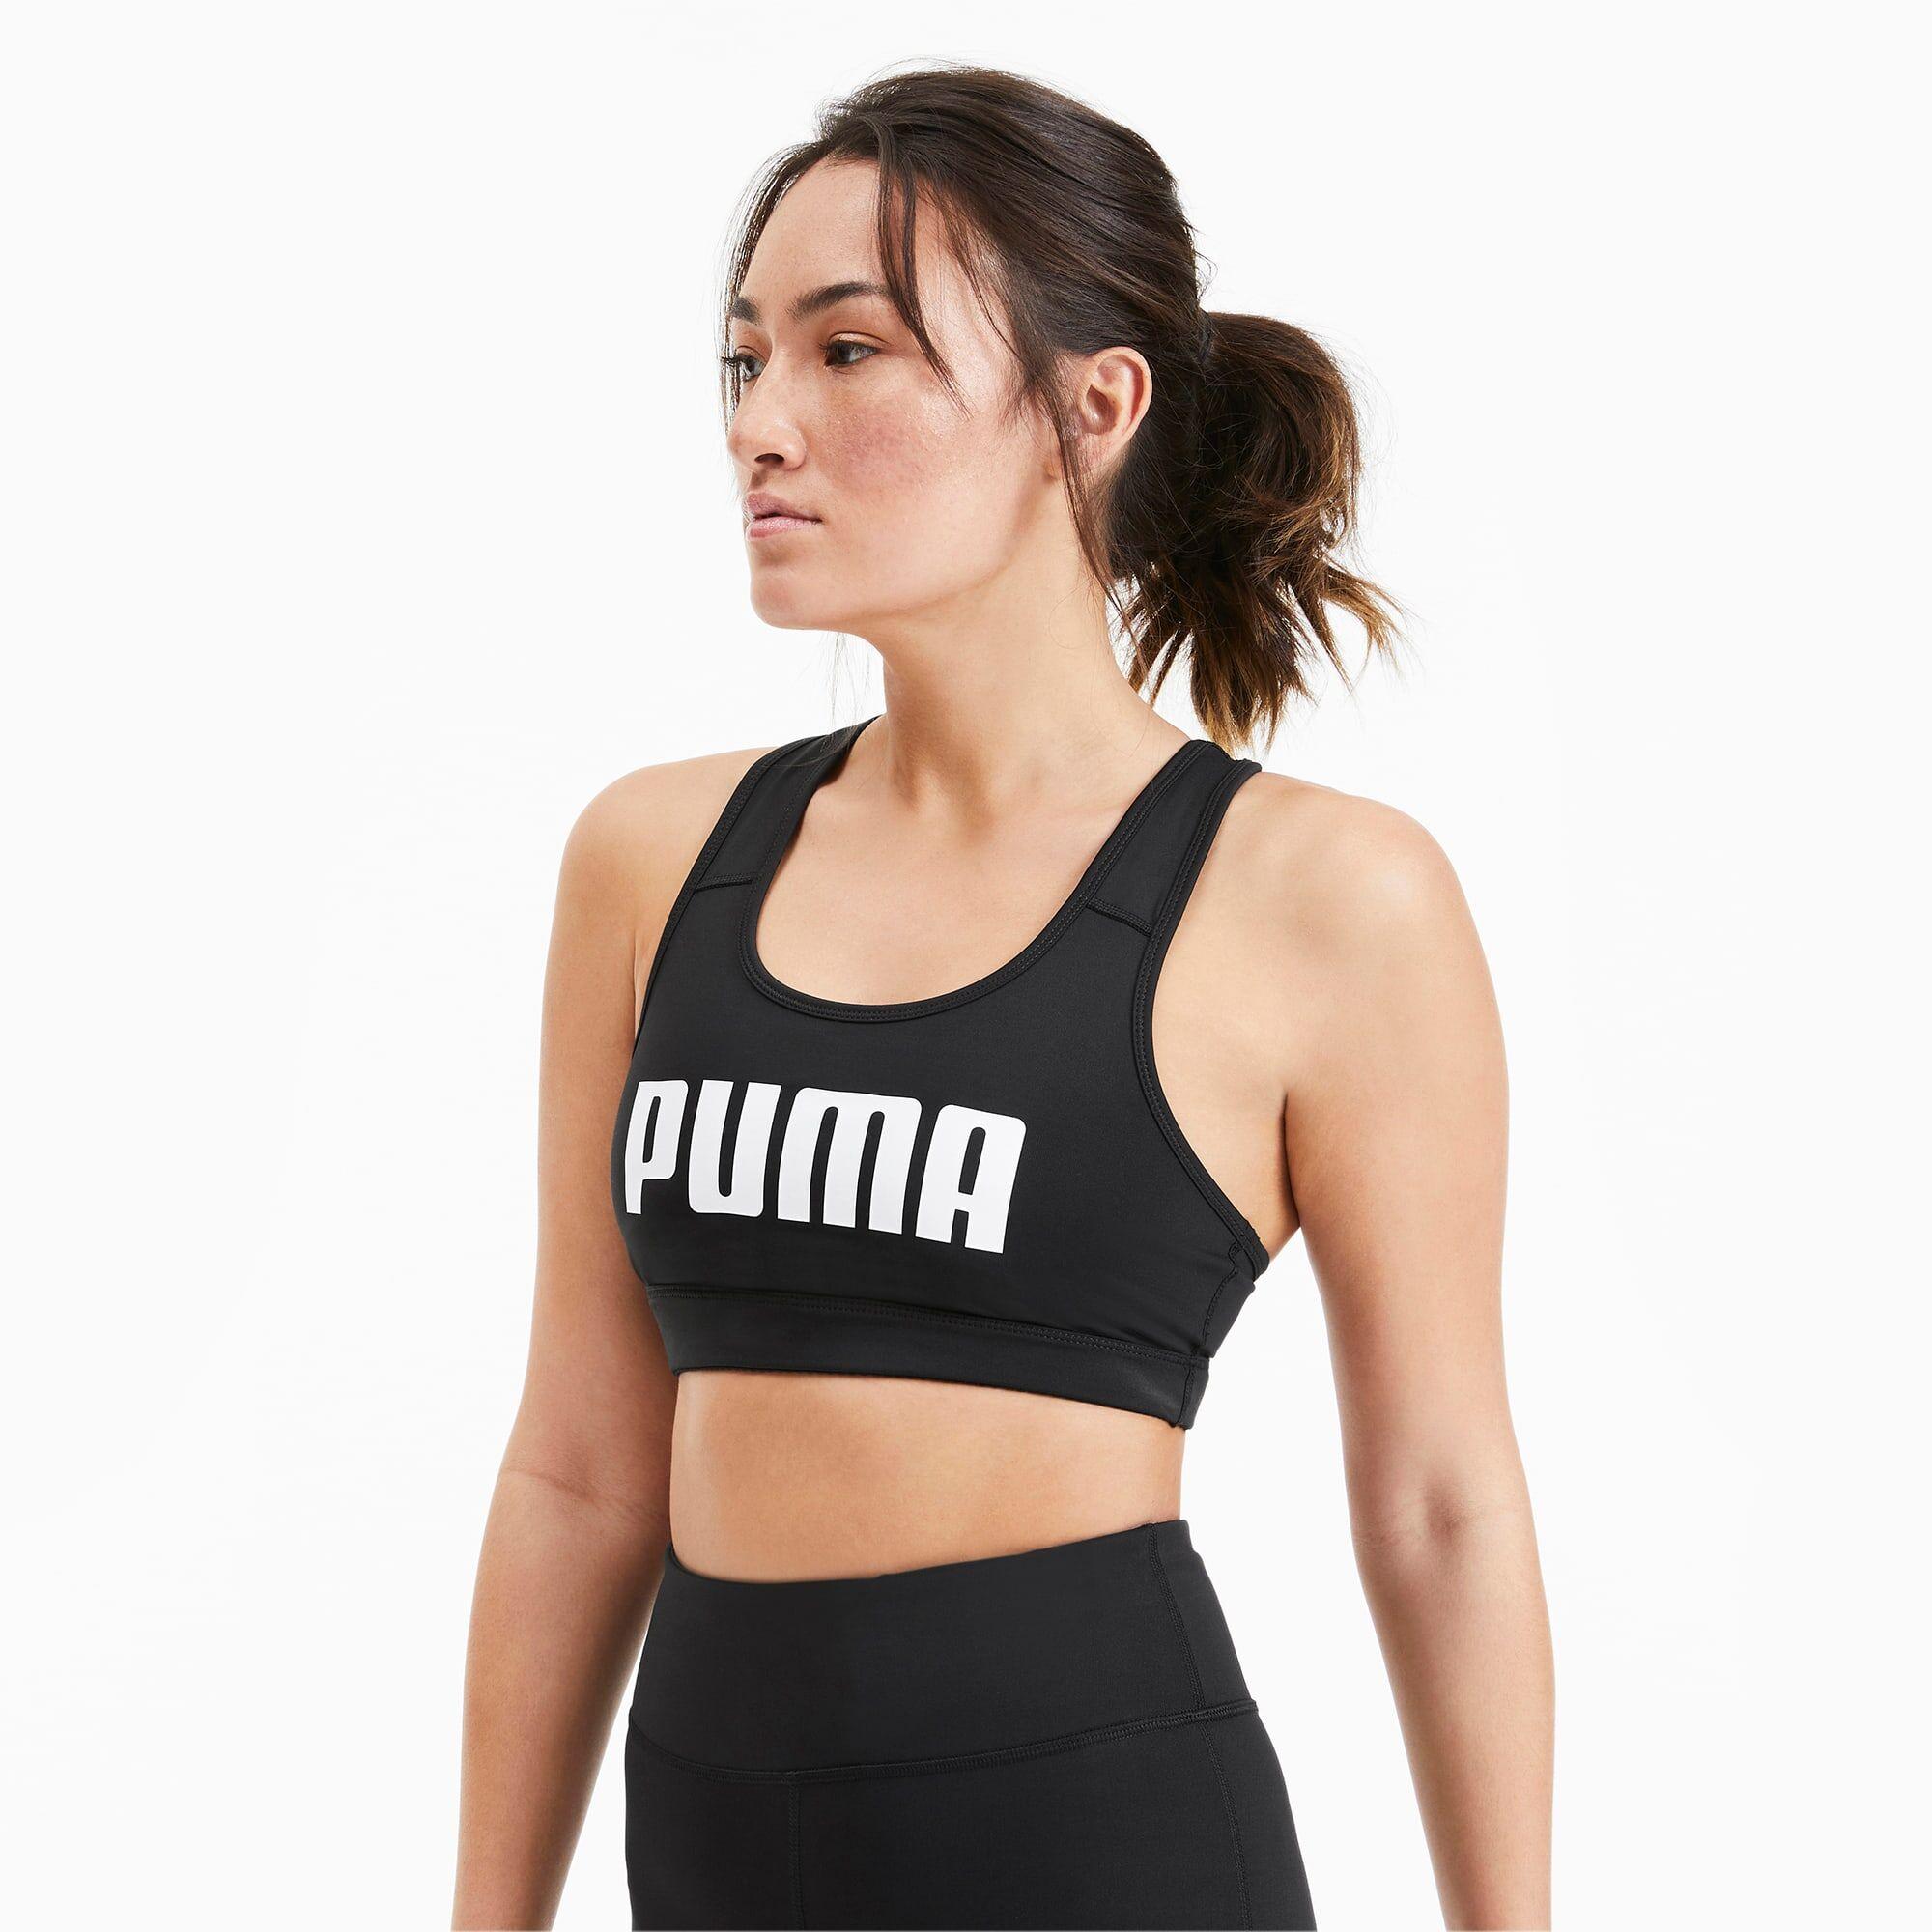 PUMA Soutien-gorge de sport 4Keeps pour Femme, Noir/Blanc, Taille XS, Vêtements